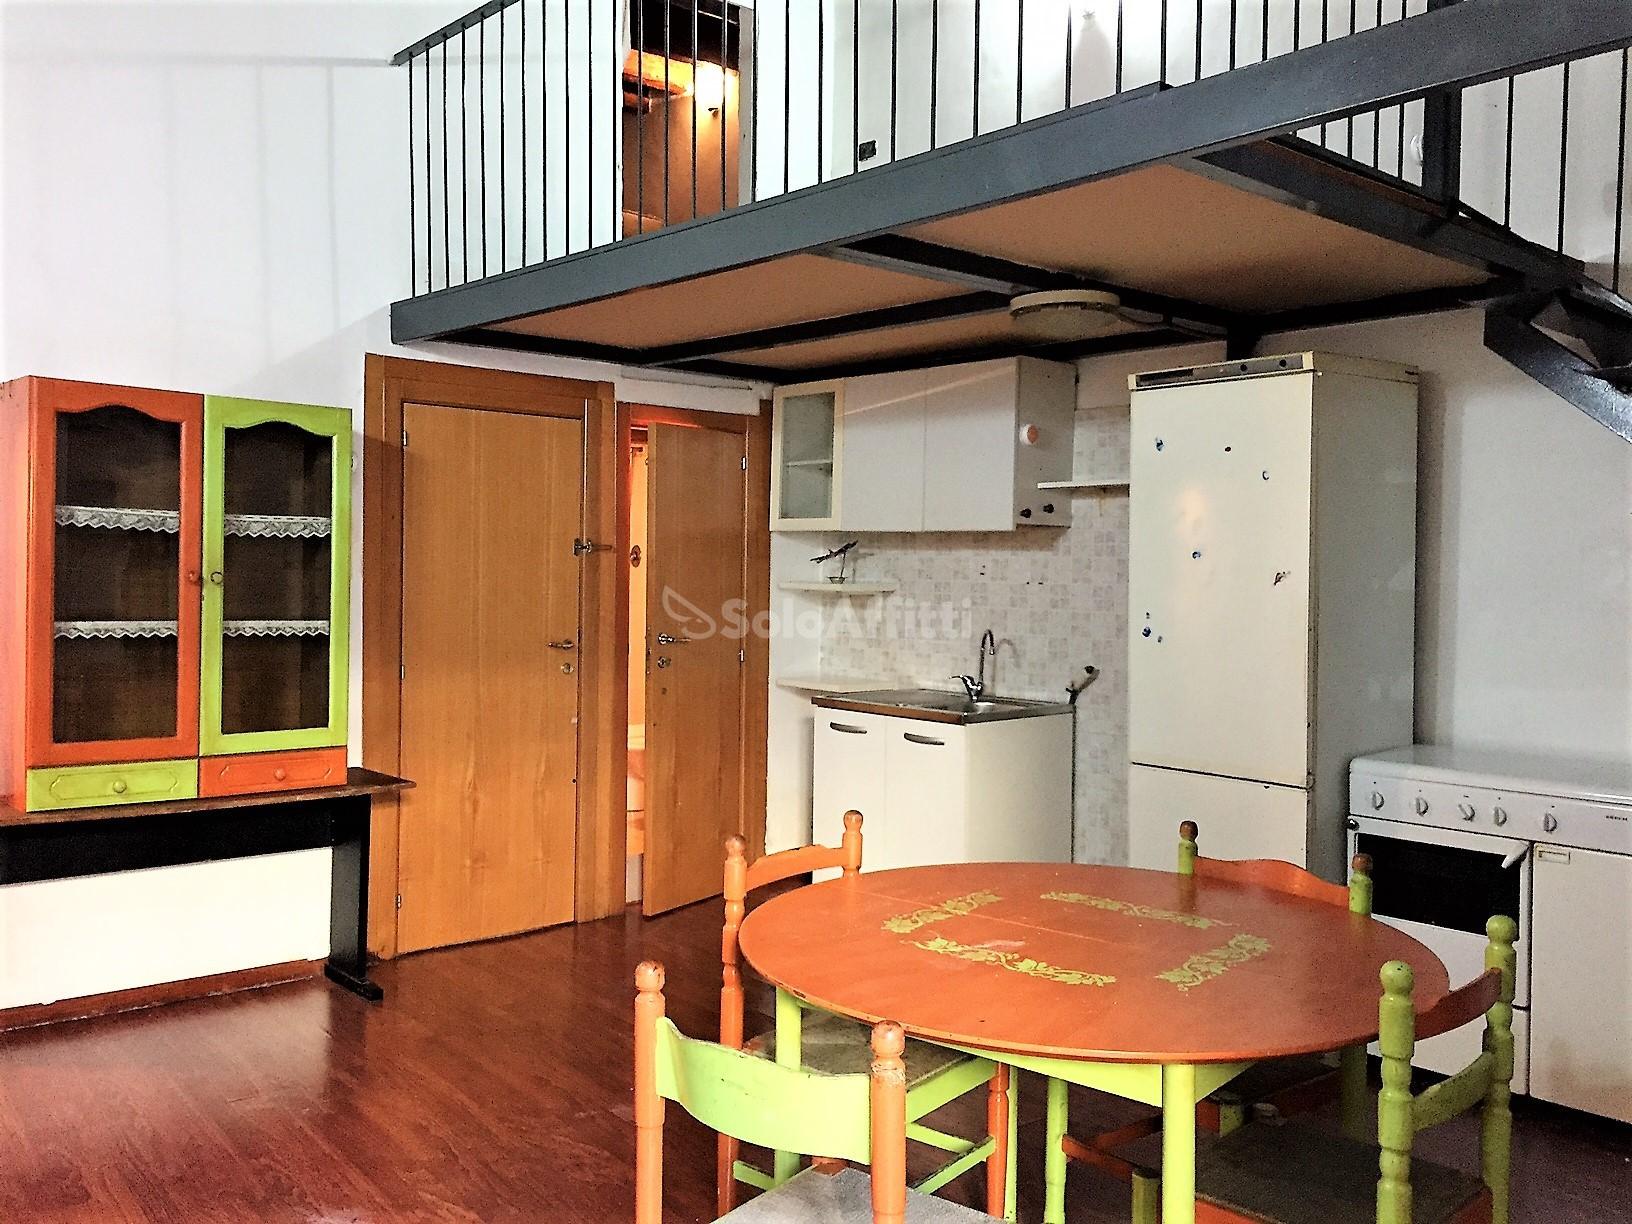 Affitto appartamento monolocale arredato for Affitto monolocale